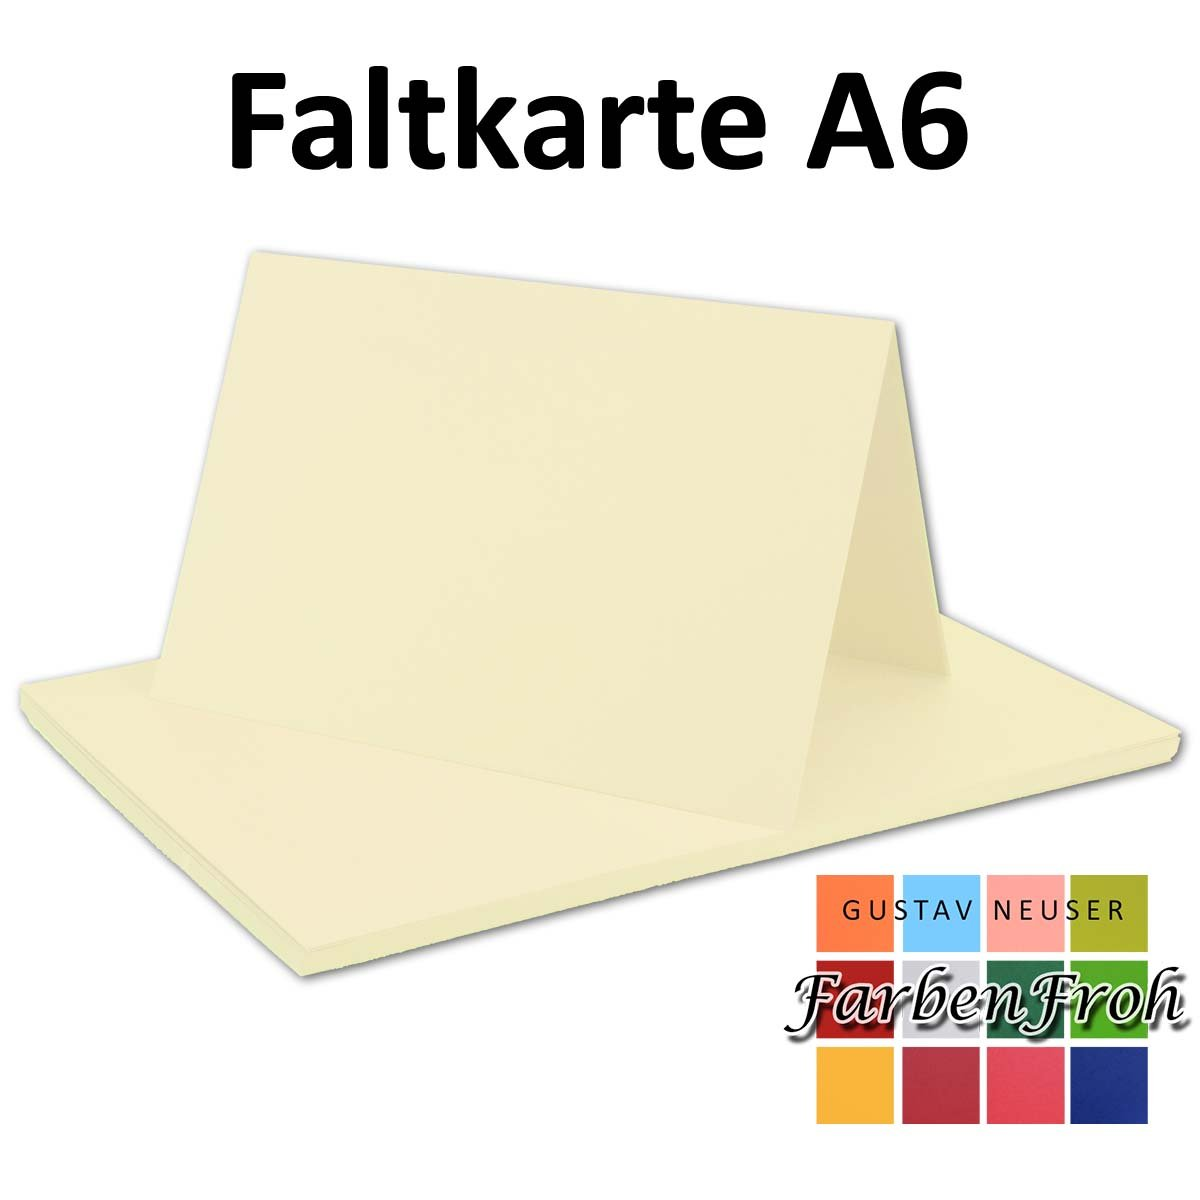 250x Falt-Karten DIN A6 Blanko Doppel-Karten in Hochweiß Kristallweiß -10,5 x 14,8 cm   Premium Qualität   FarbenFroh® B0761V972L | Gemäßigten Kosten